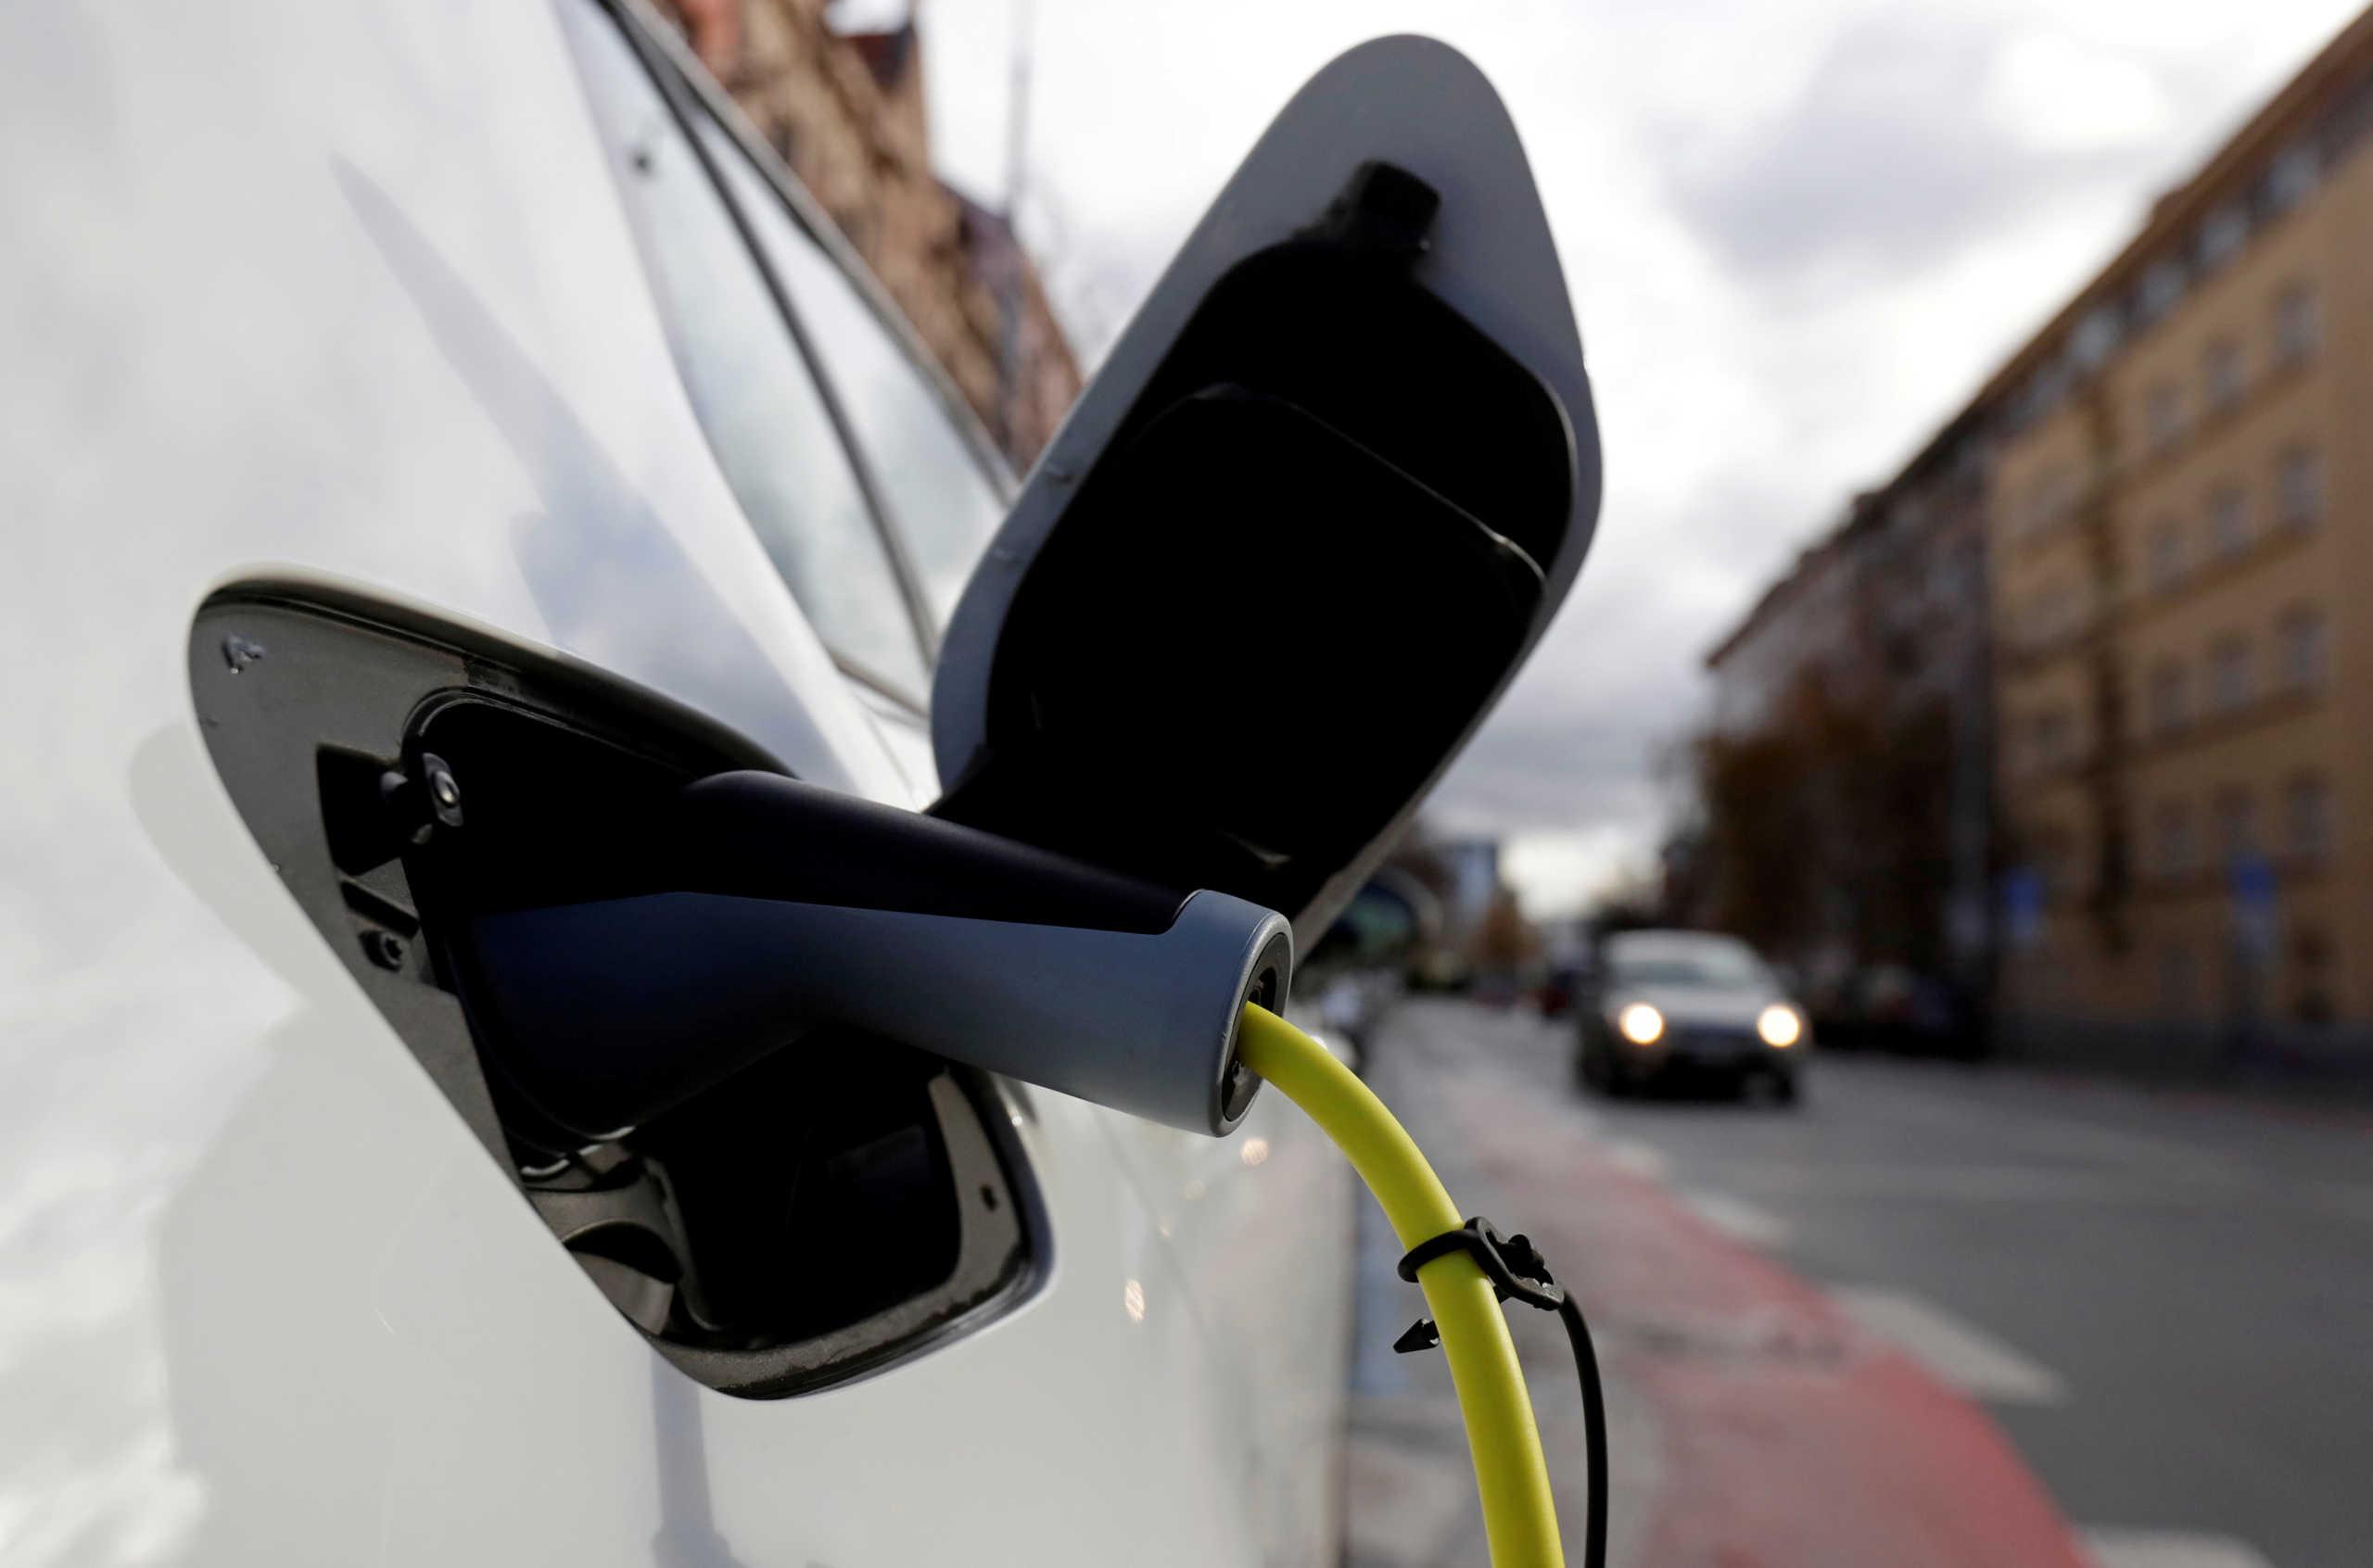 Η Ελλάδα θα αποκτήσει εργοστάσιο που θα παράγει ηλεκτρικά αυτοκίνητα, ποια είναι η εταιρεία